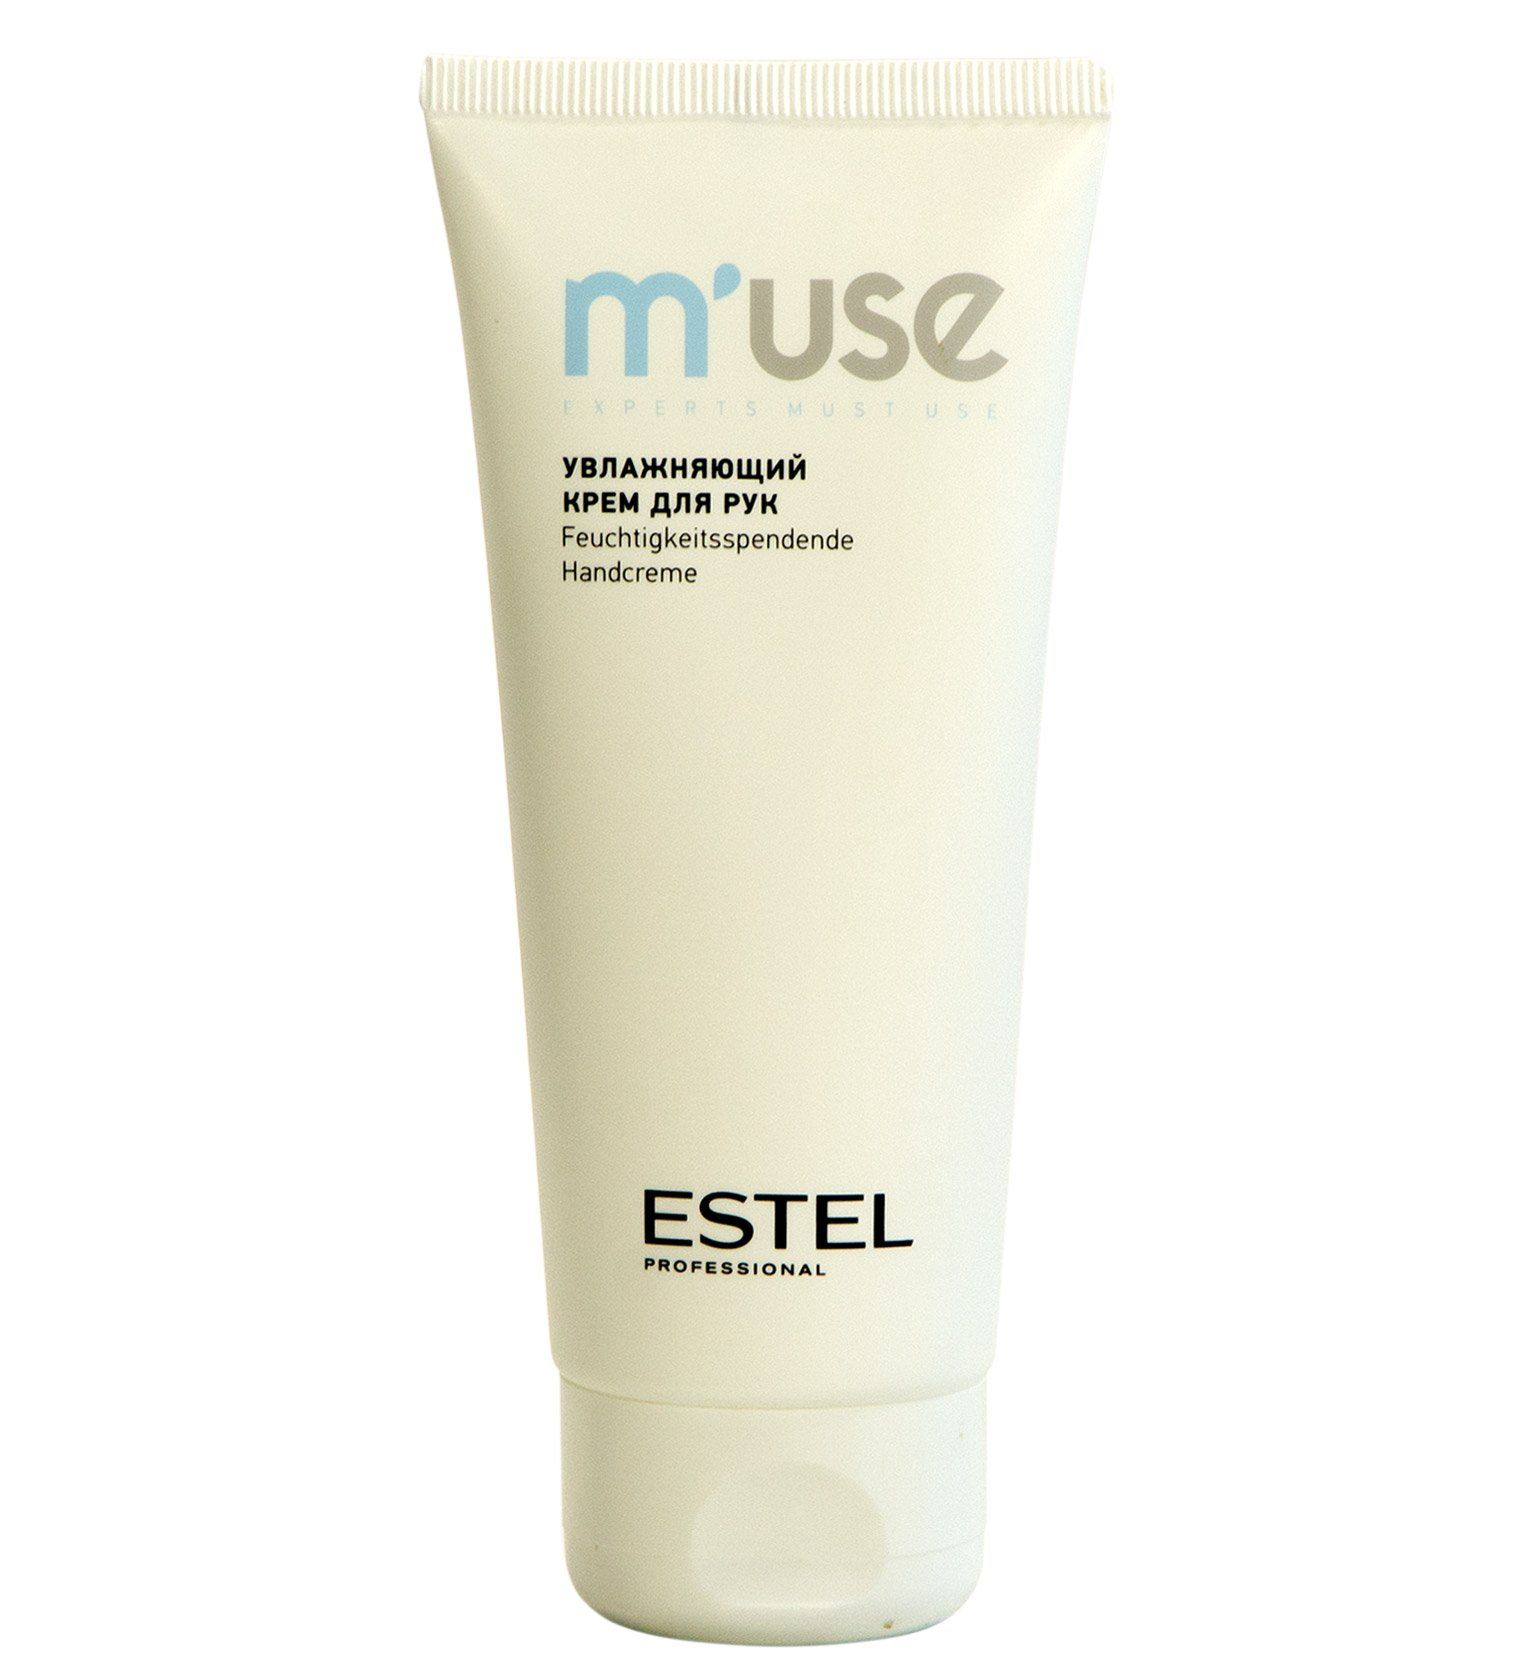 Увлажняющий крем для рук Estel M'use 100 мл